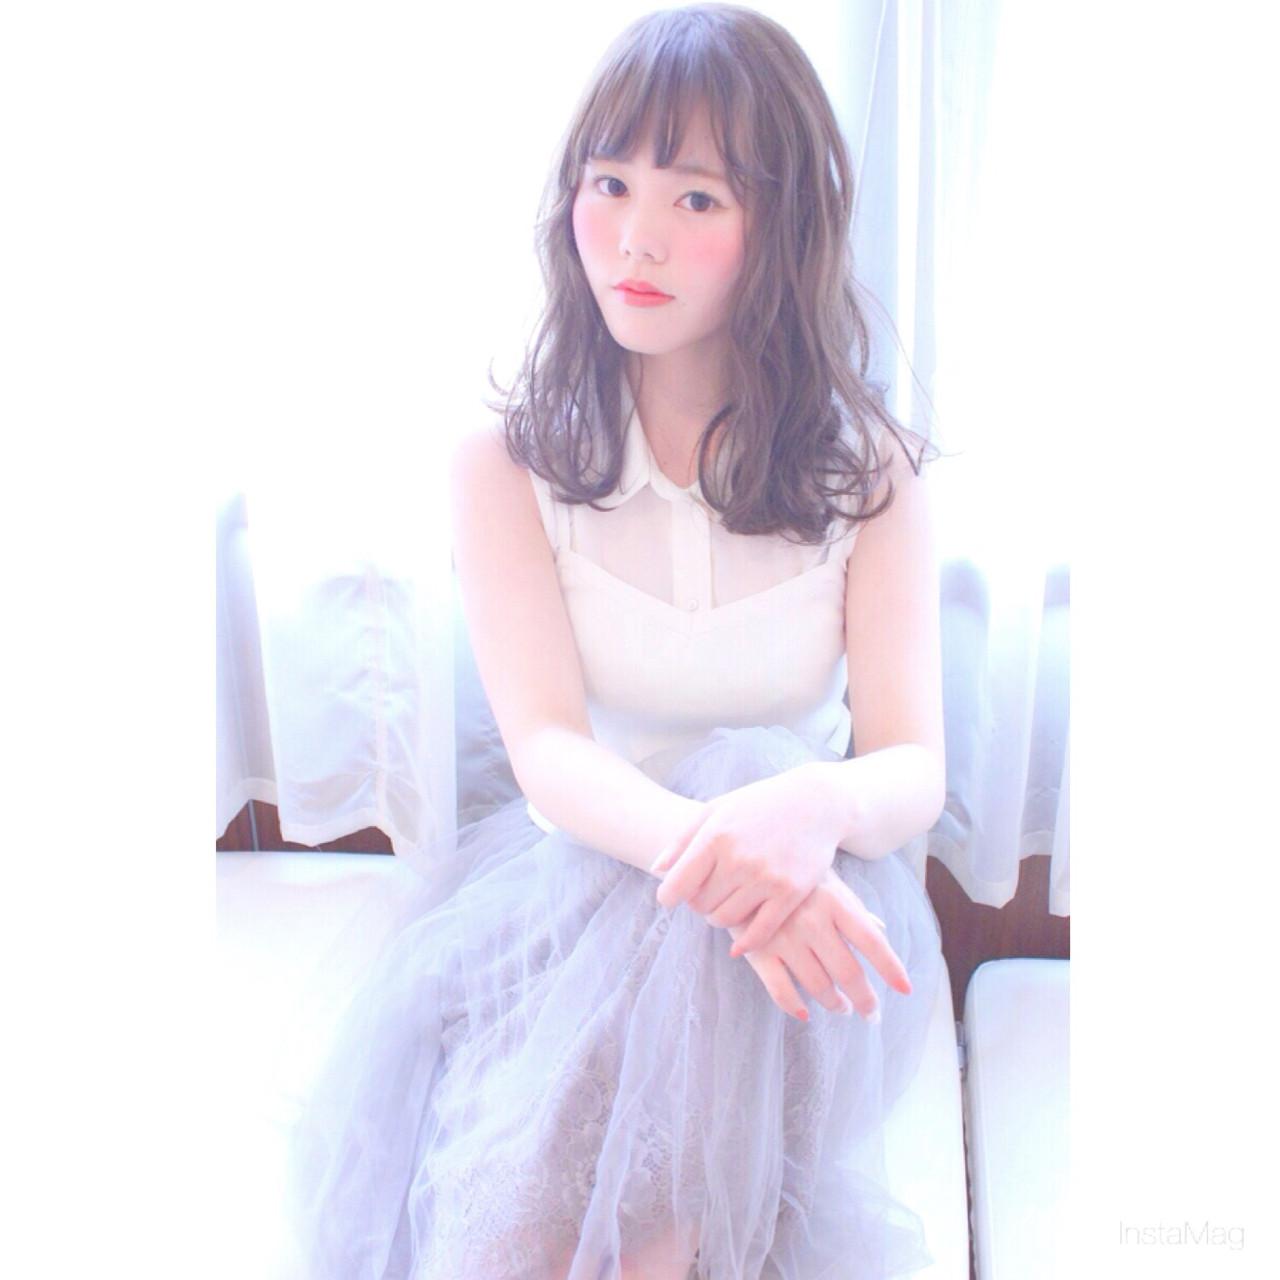 ミディアム ピュア フェミニン アッシュ ヘアスタイルや髪型の写真・画像 | 上田 穂菜美 /